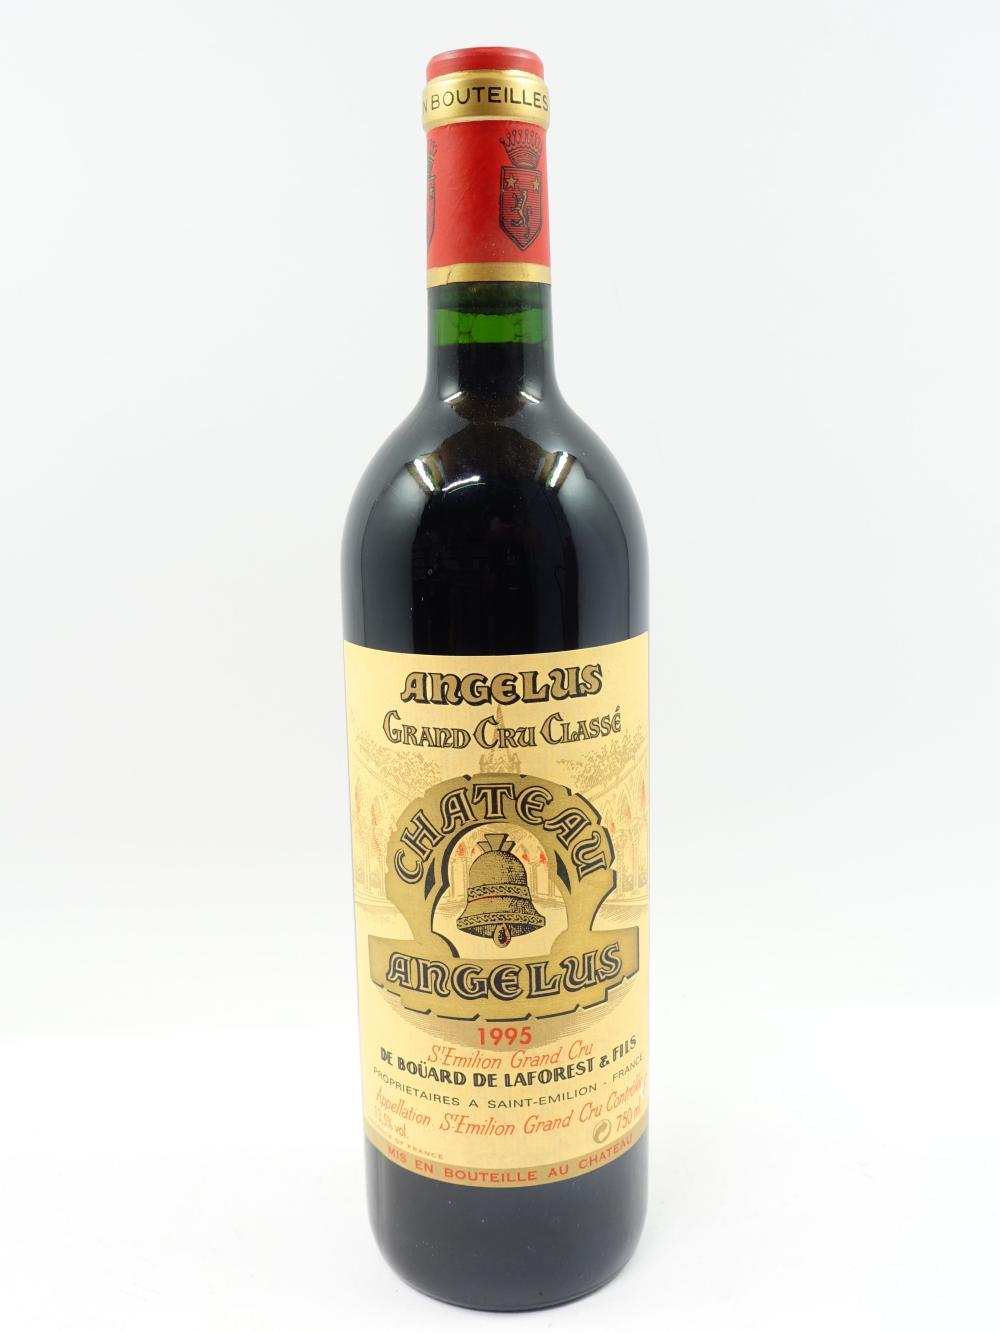 1 bouteille CHÂTEAU ANGELUS 1995 1er GCC (B) Saint Emilion (bouchon légèrement enfoncé)